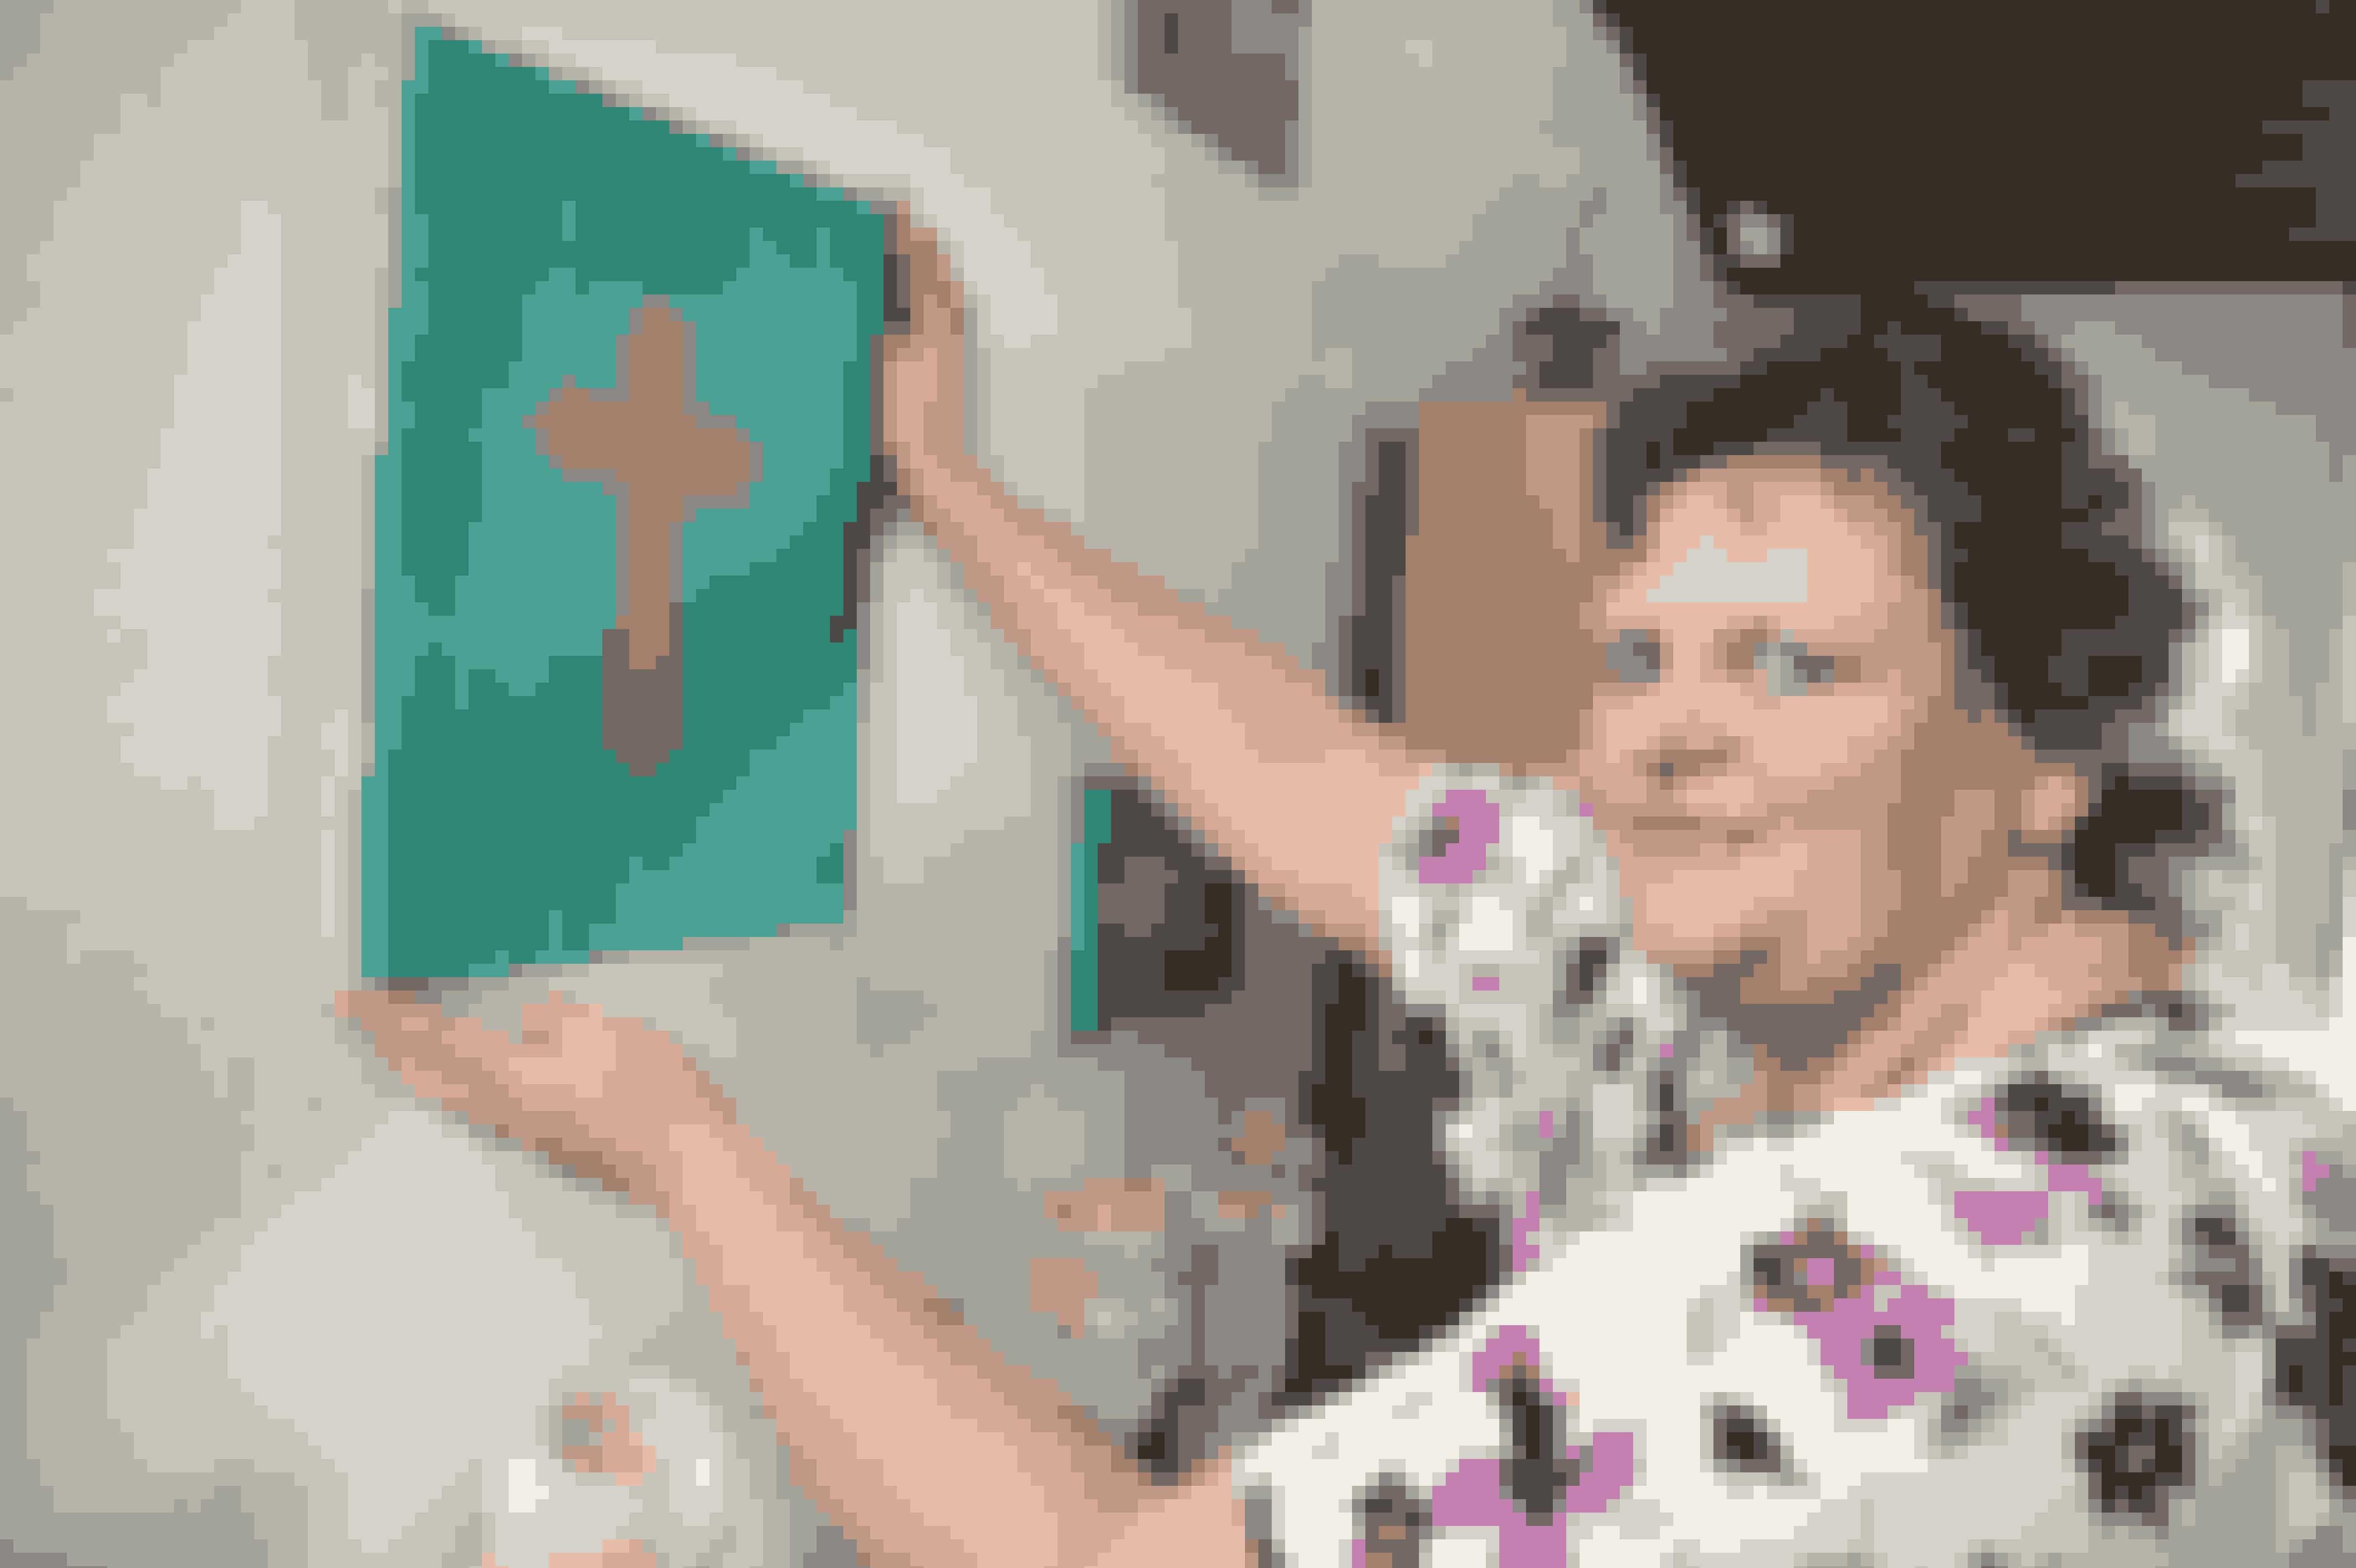 Mona og Klaus har igen fået god støtte i hinanden. Men de har også en god hjælp i deres kristne livssyn. Her Mona med billeder, hun selv har malet.